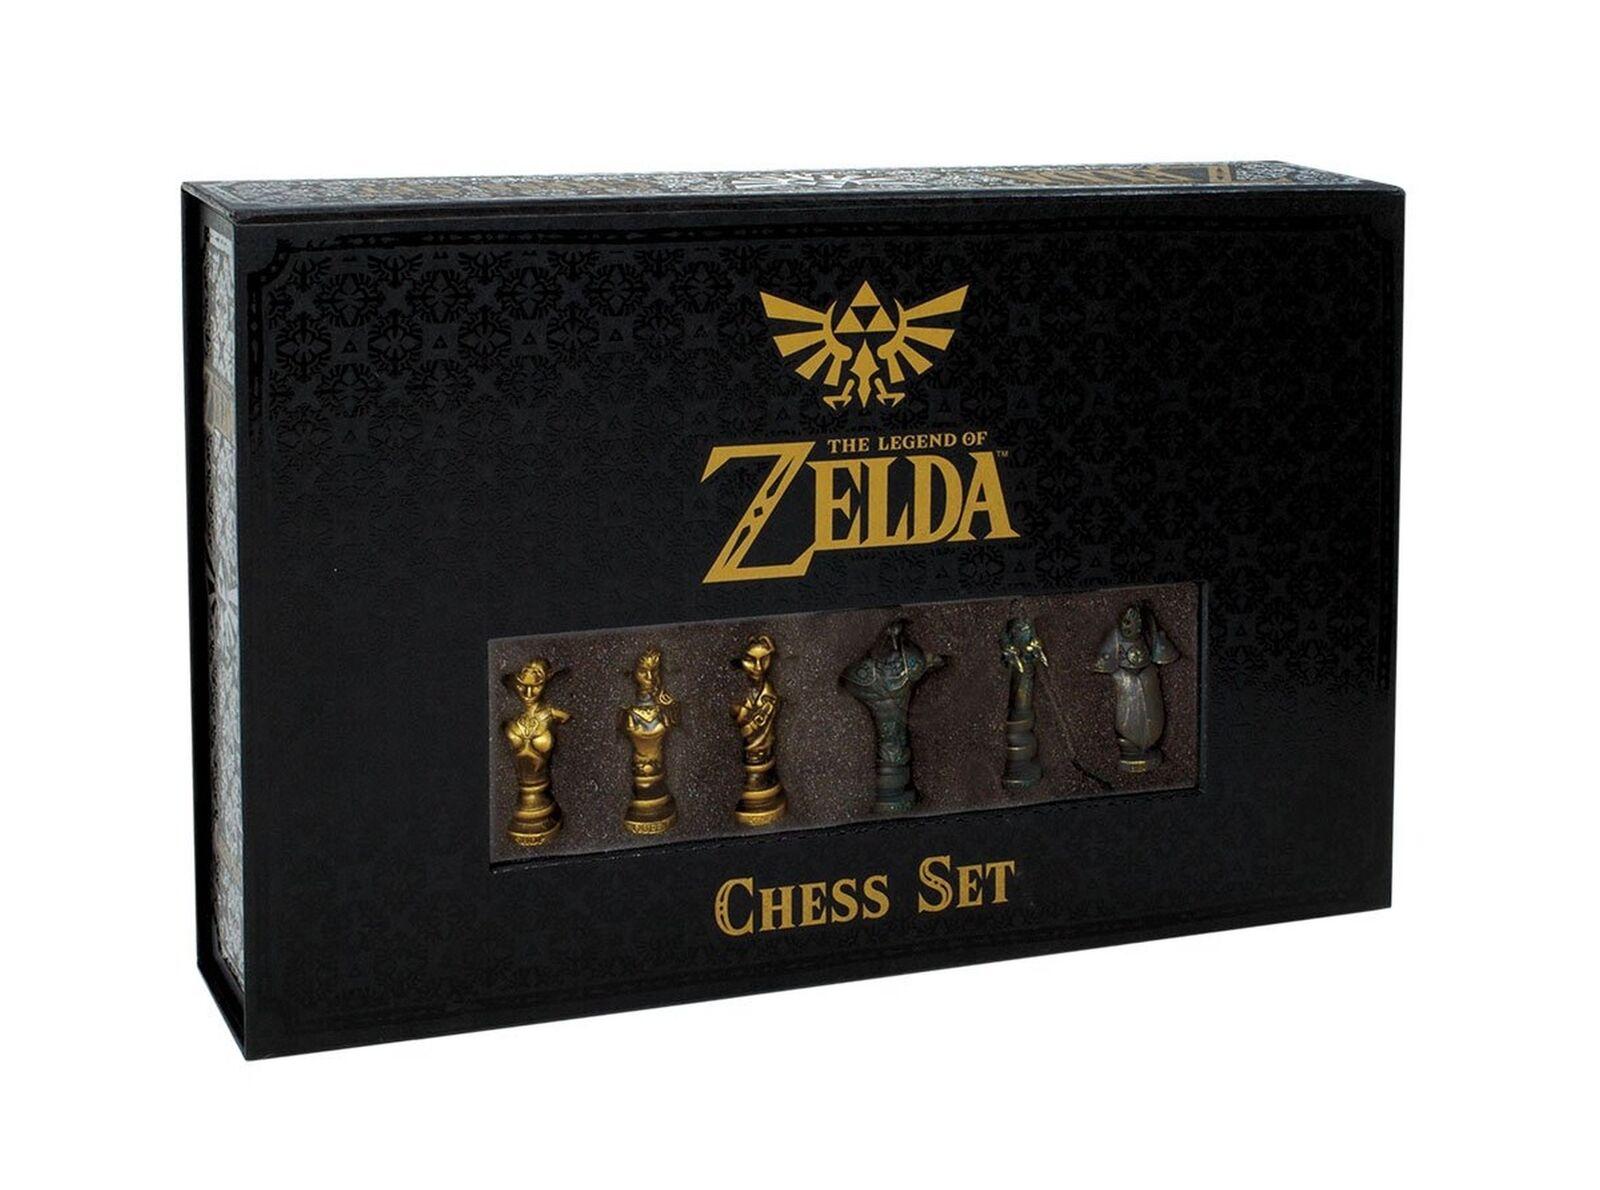 Usaopoly the legend of zelda schachfiguren32 angepasste formen schachfigurenlink...